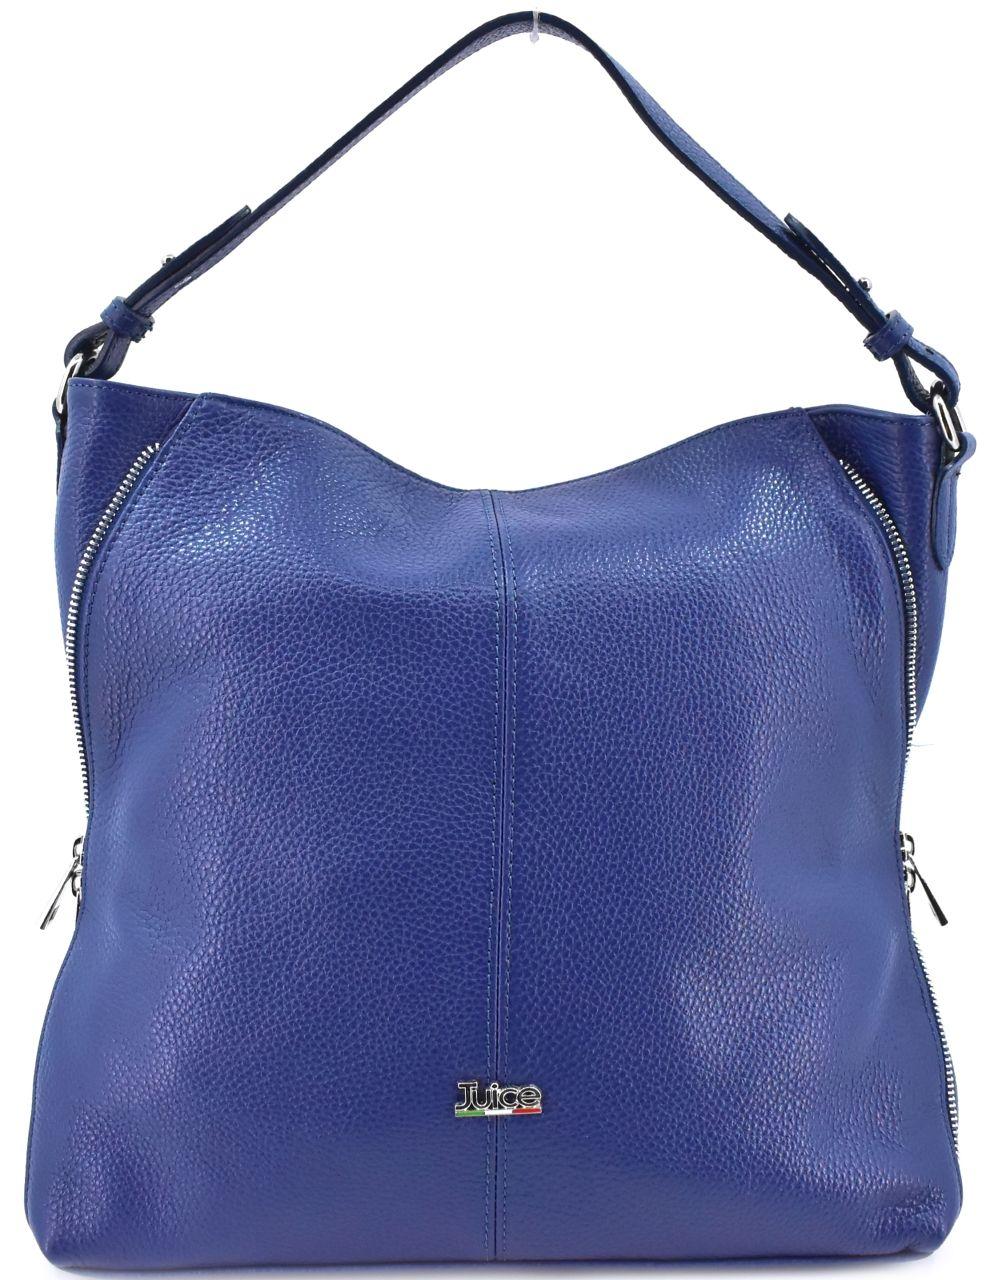 Dámská kožená kabelka Juice - modrá 112173